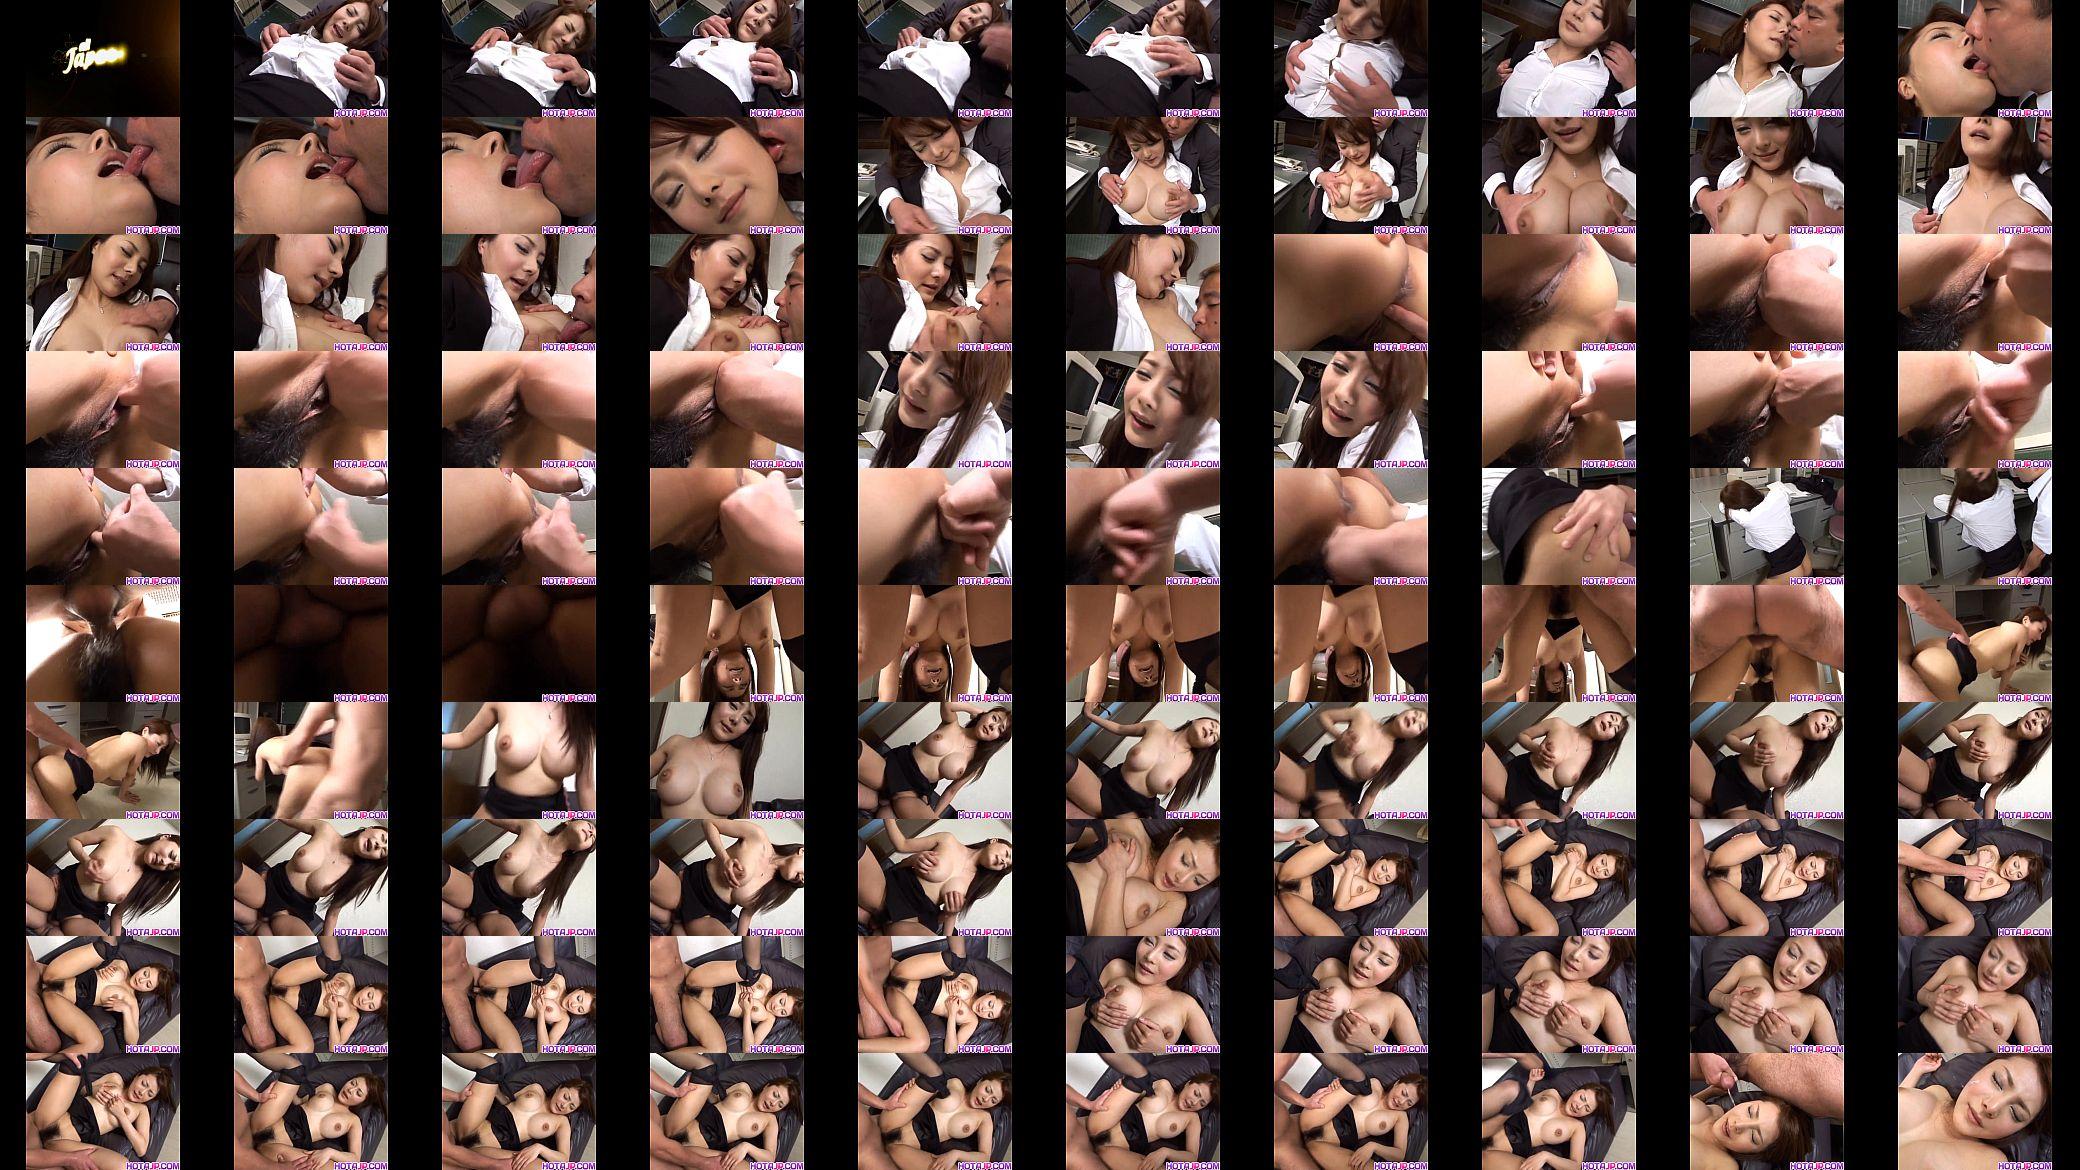 Brenden cage gay porn